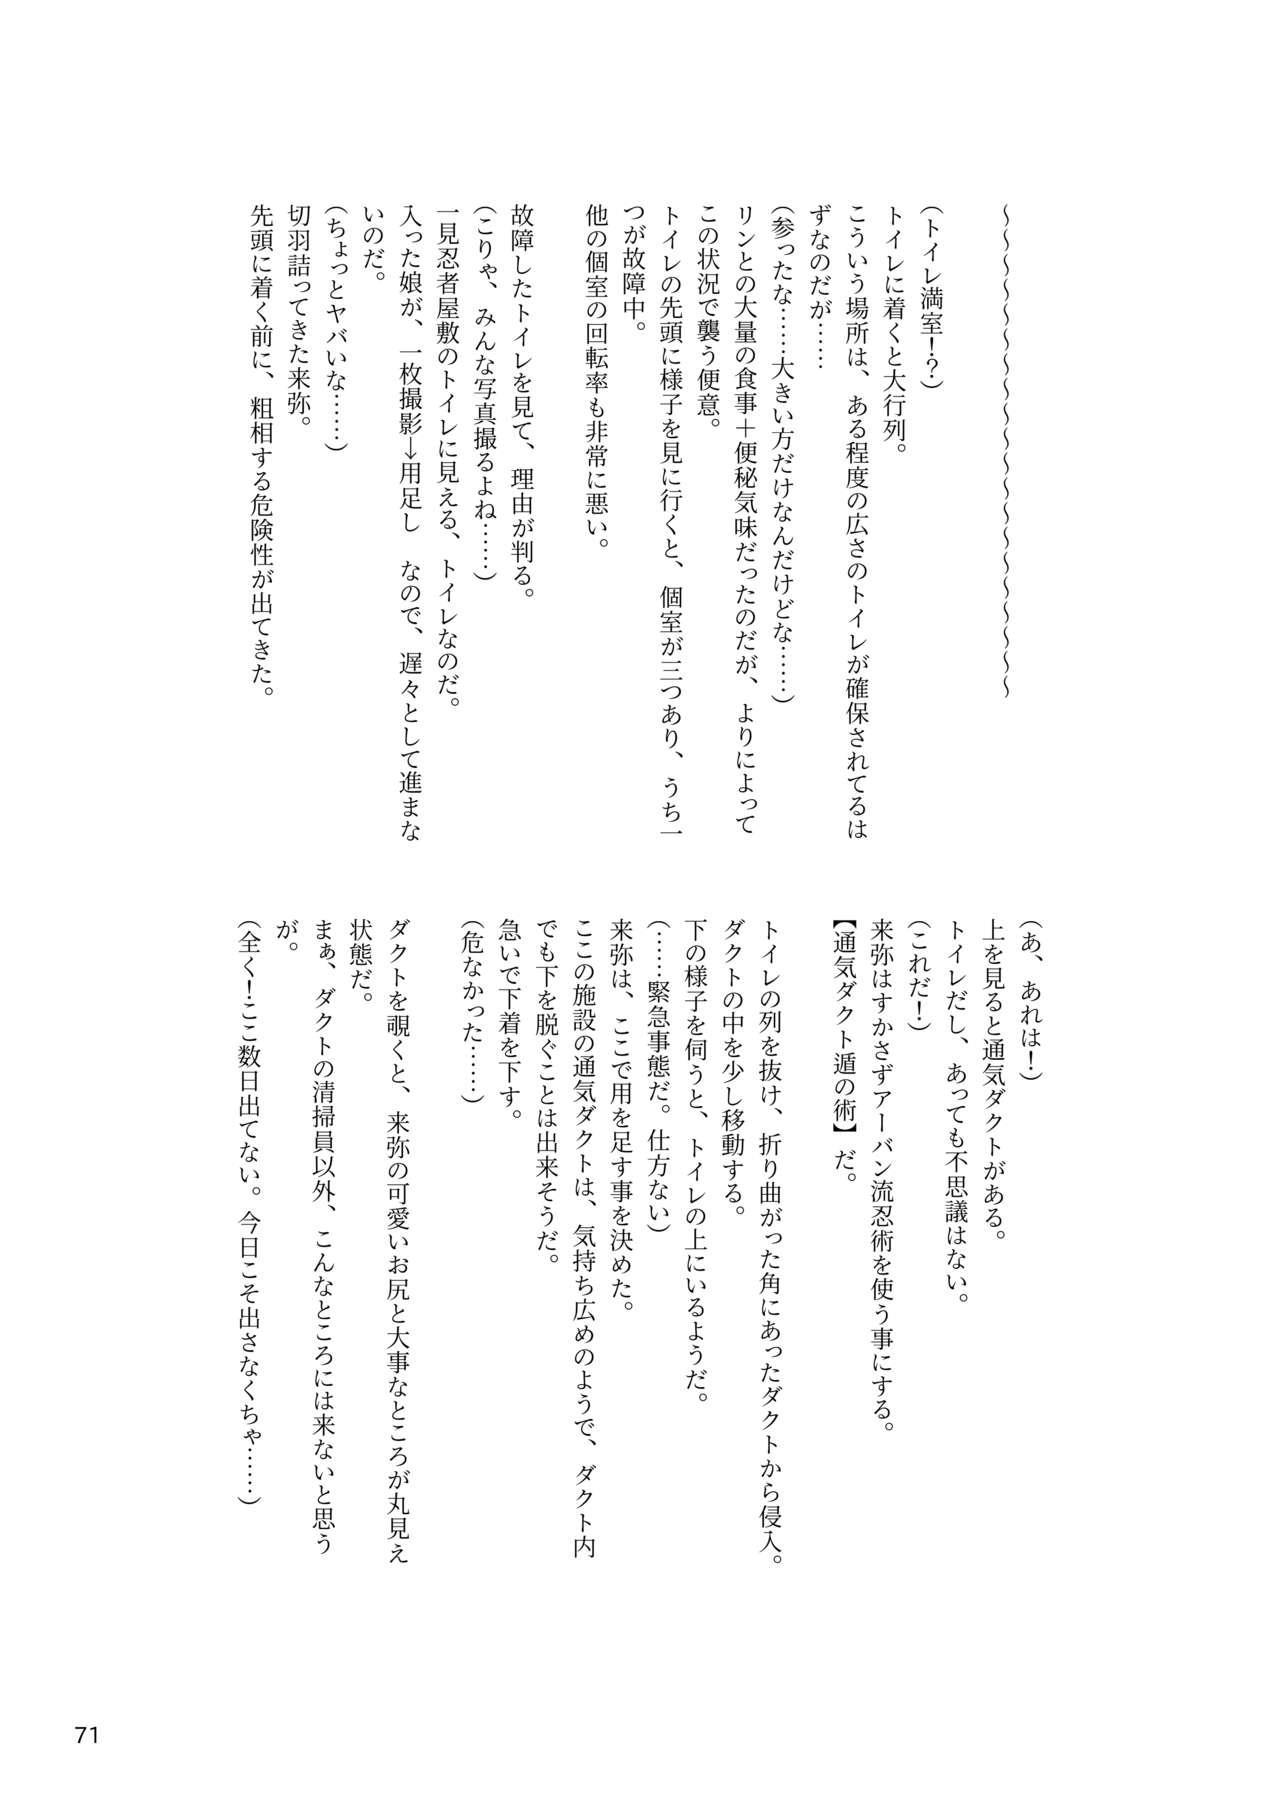 ア○スギア総合スカトロアンソロジー アクトレス排泄実態調査任務~スカポためるっすか!?~ 70